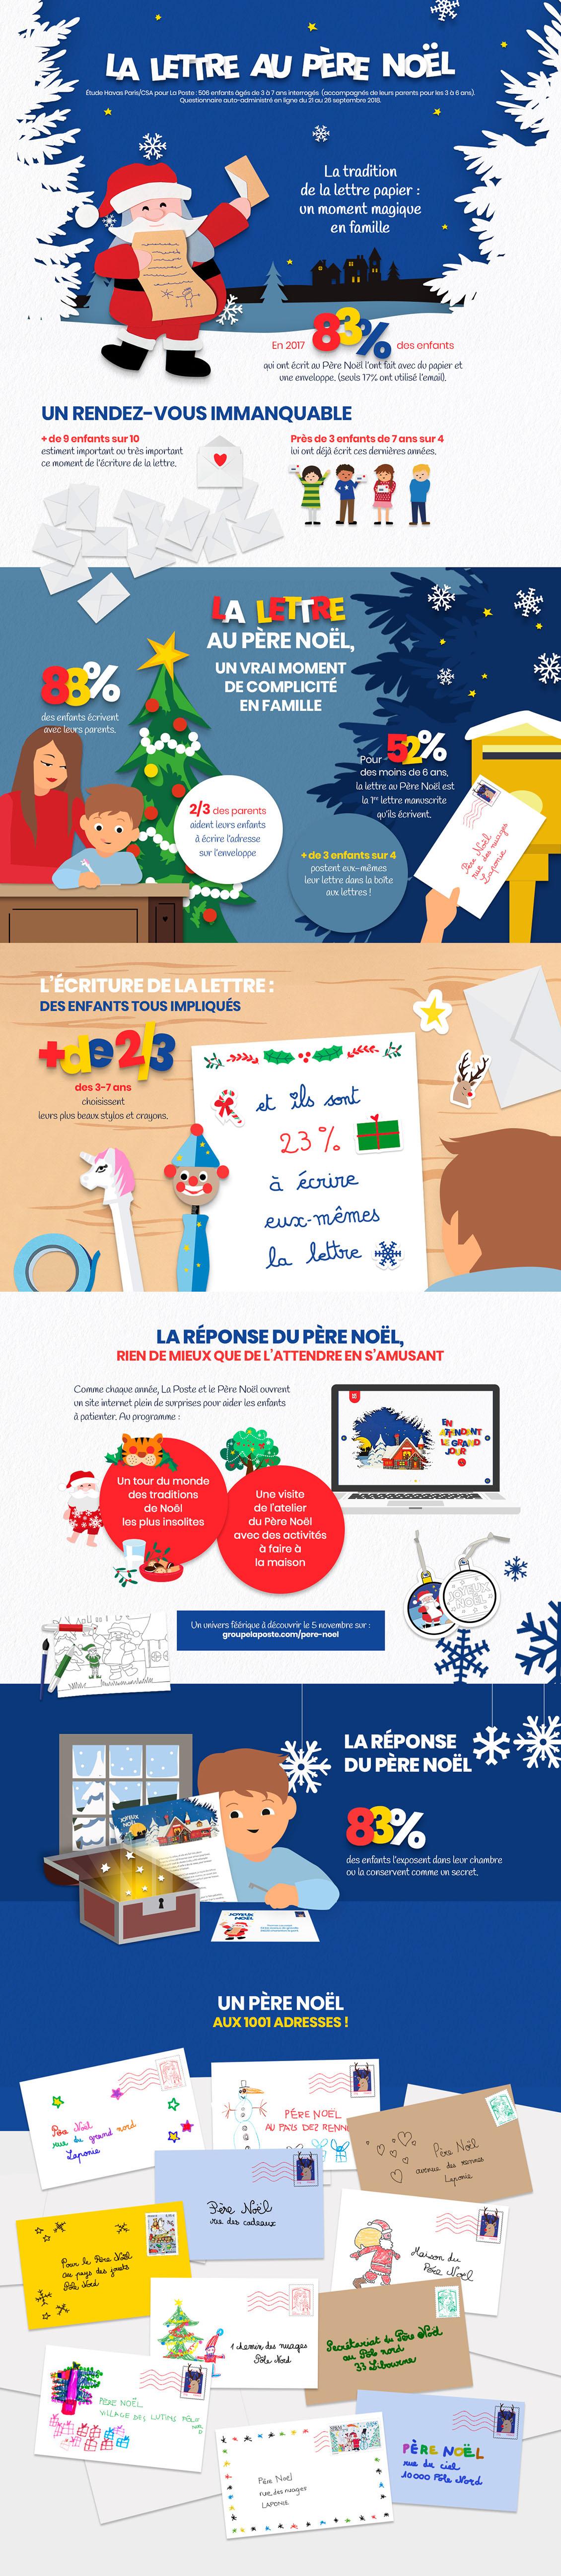 Infographie illustrant l'enquête de La Poste sur la lettre au Père Noël